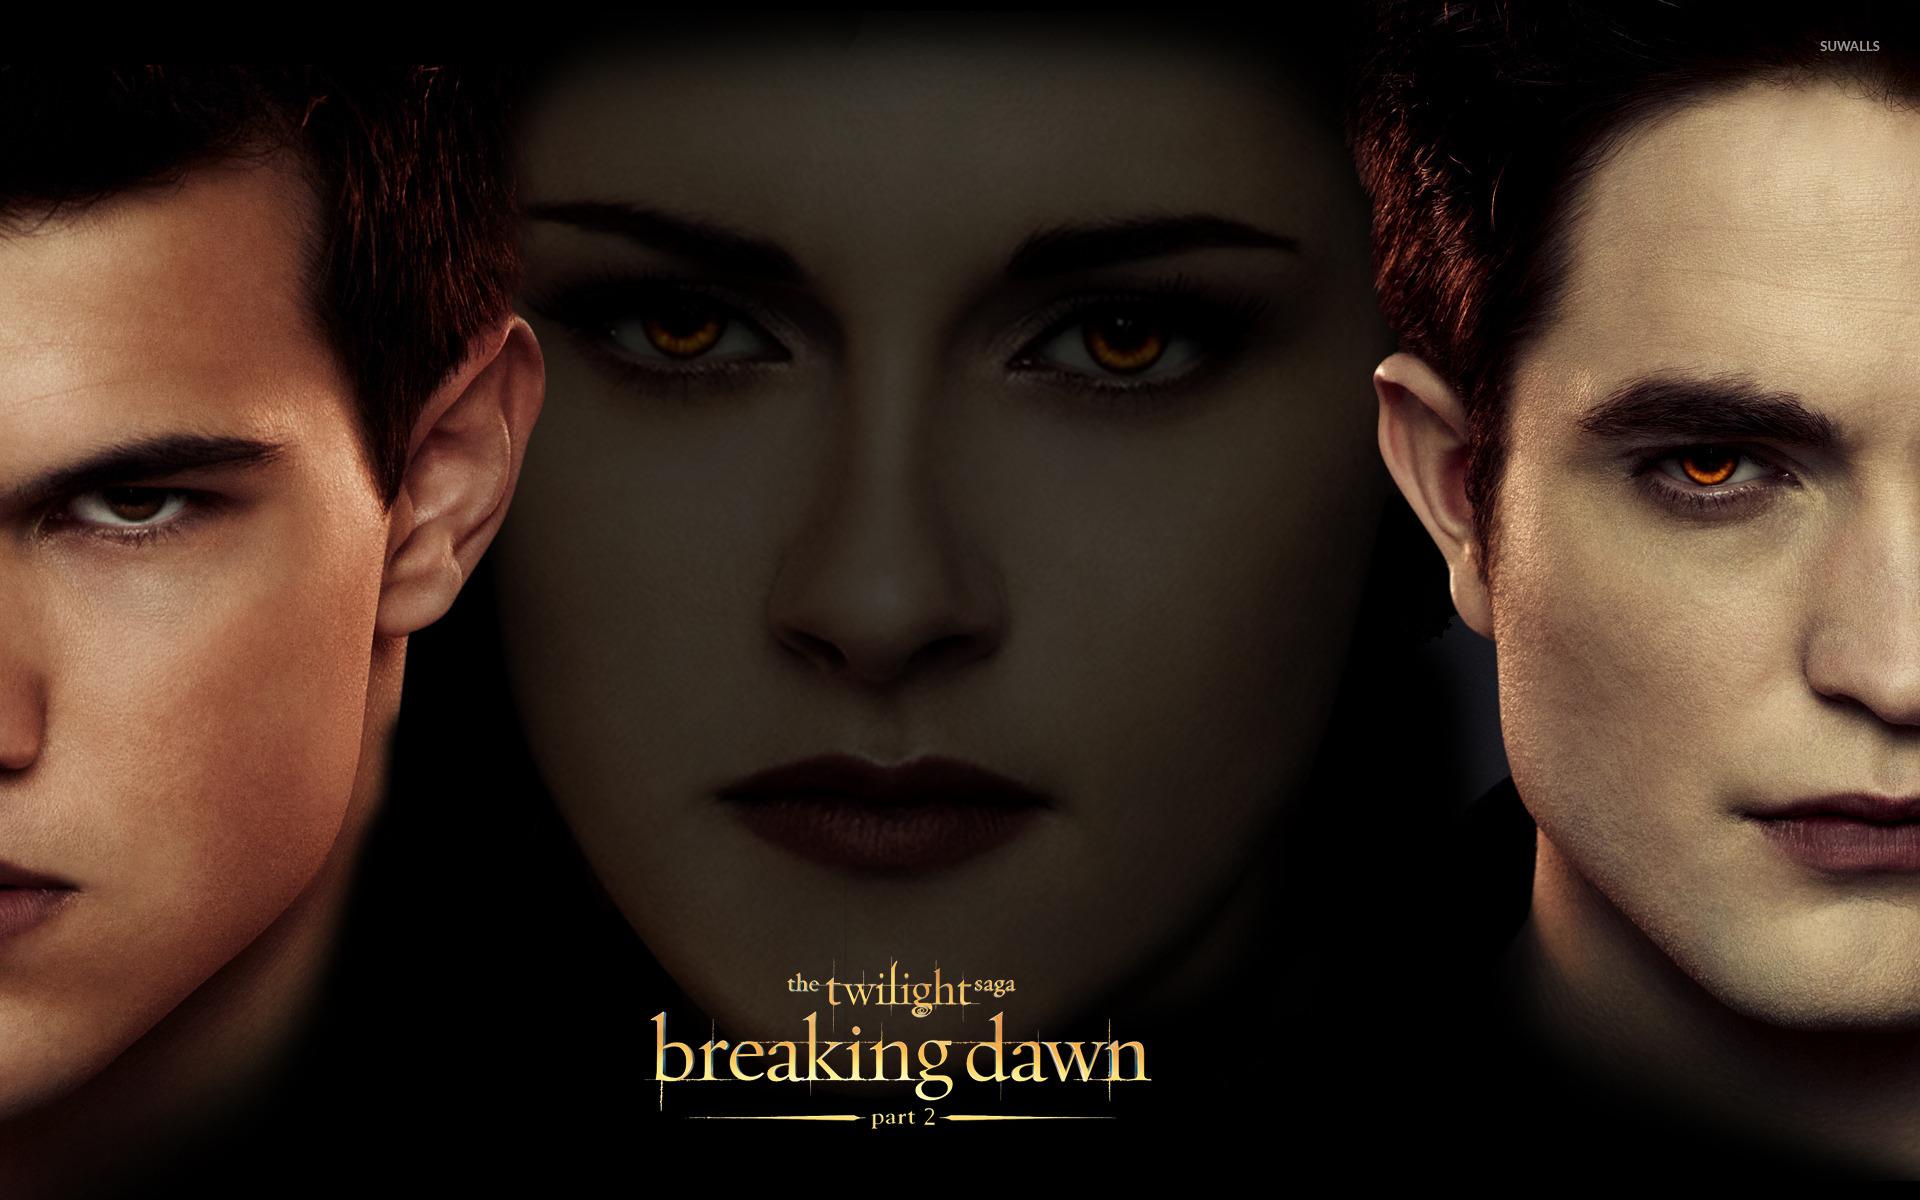 Image cullen family breaking dawn wallpaper twilight series - The Twilight Saga Breaking Dawn Part 2 5 Wallpaper 1920x1200 Jpg